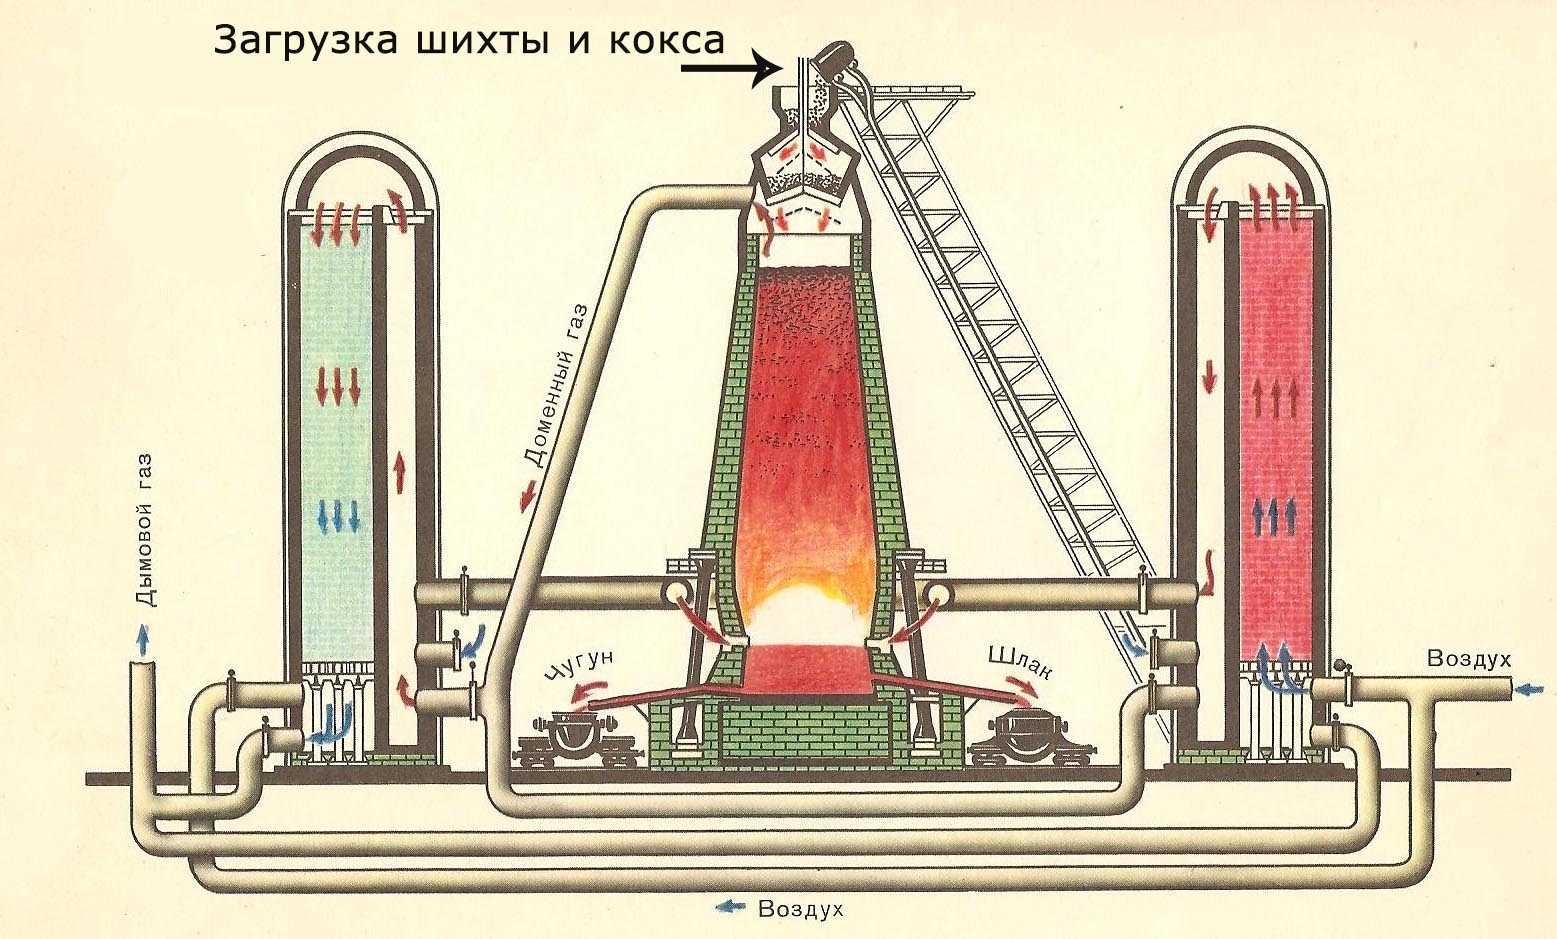 Кокс: формула, виды, применение :: syl.ru